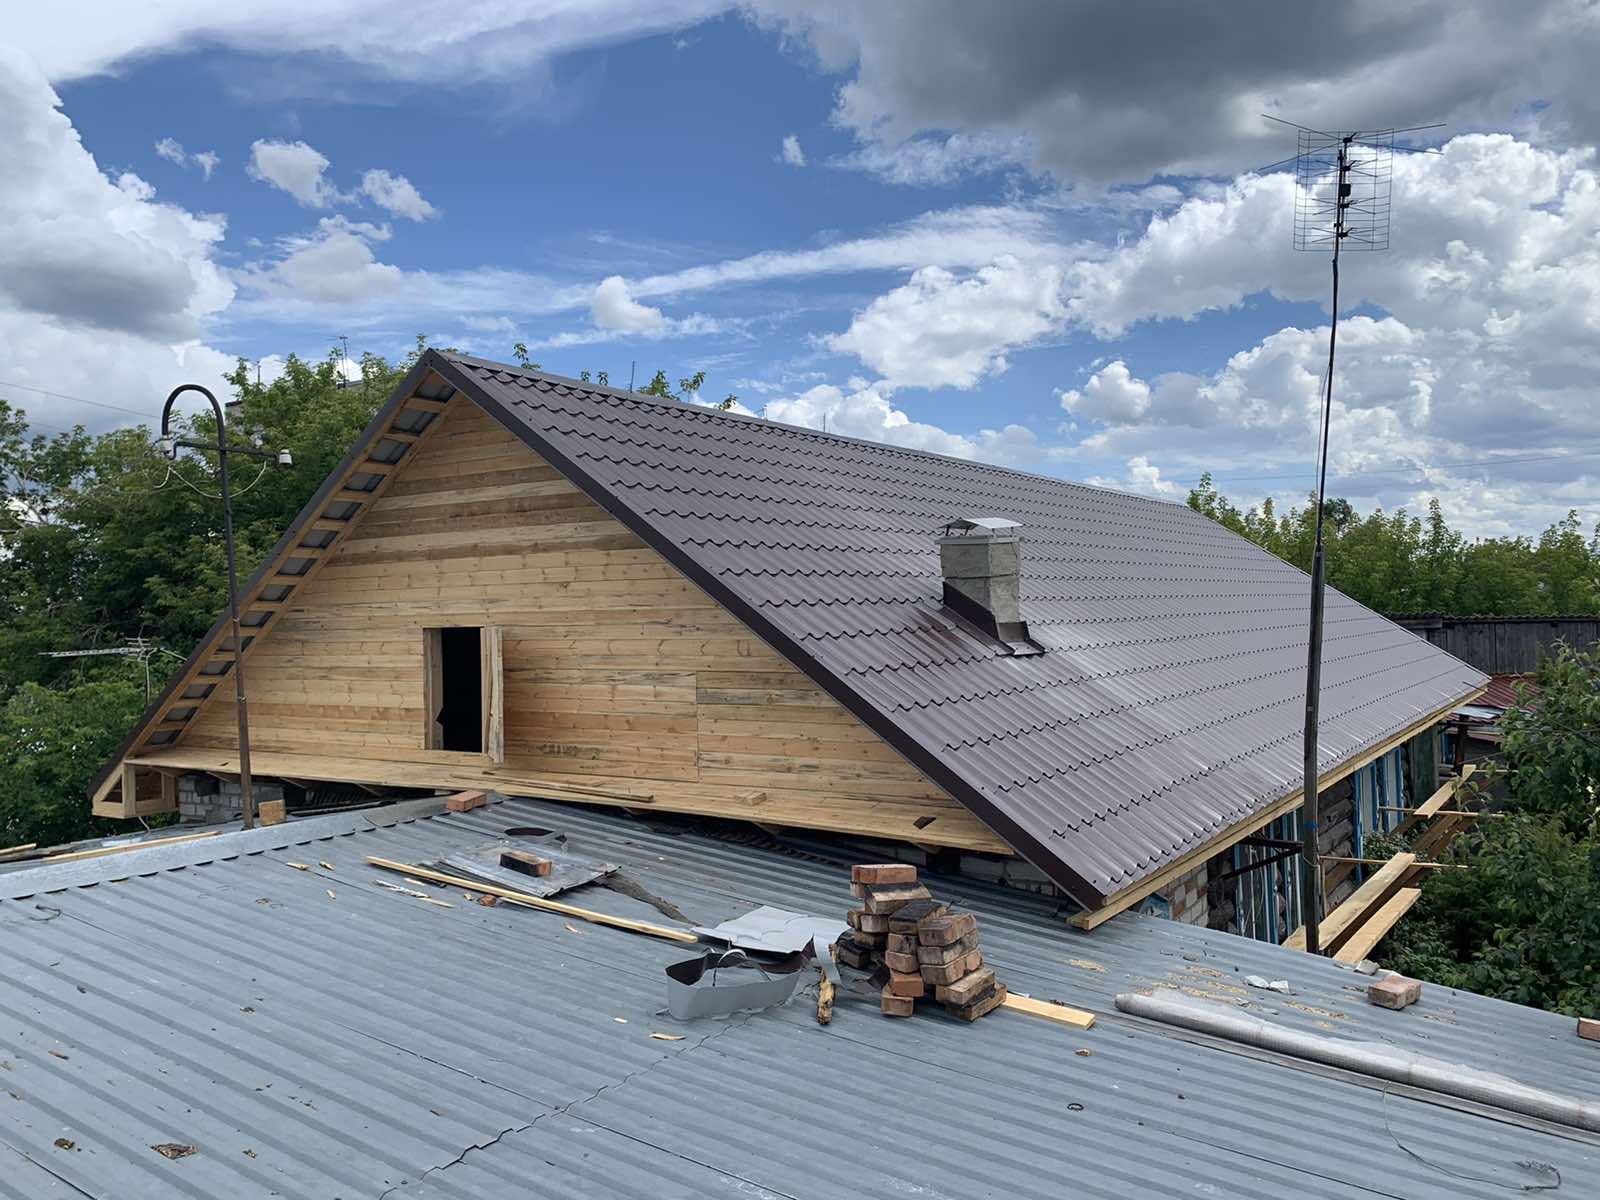 Строительство новой крыши в п.боровский